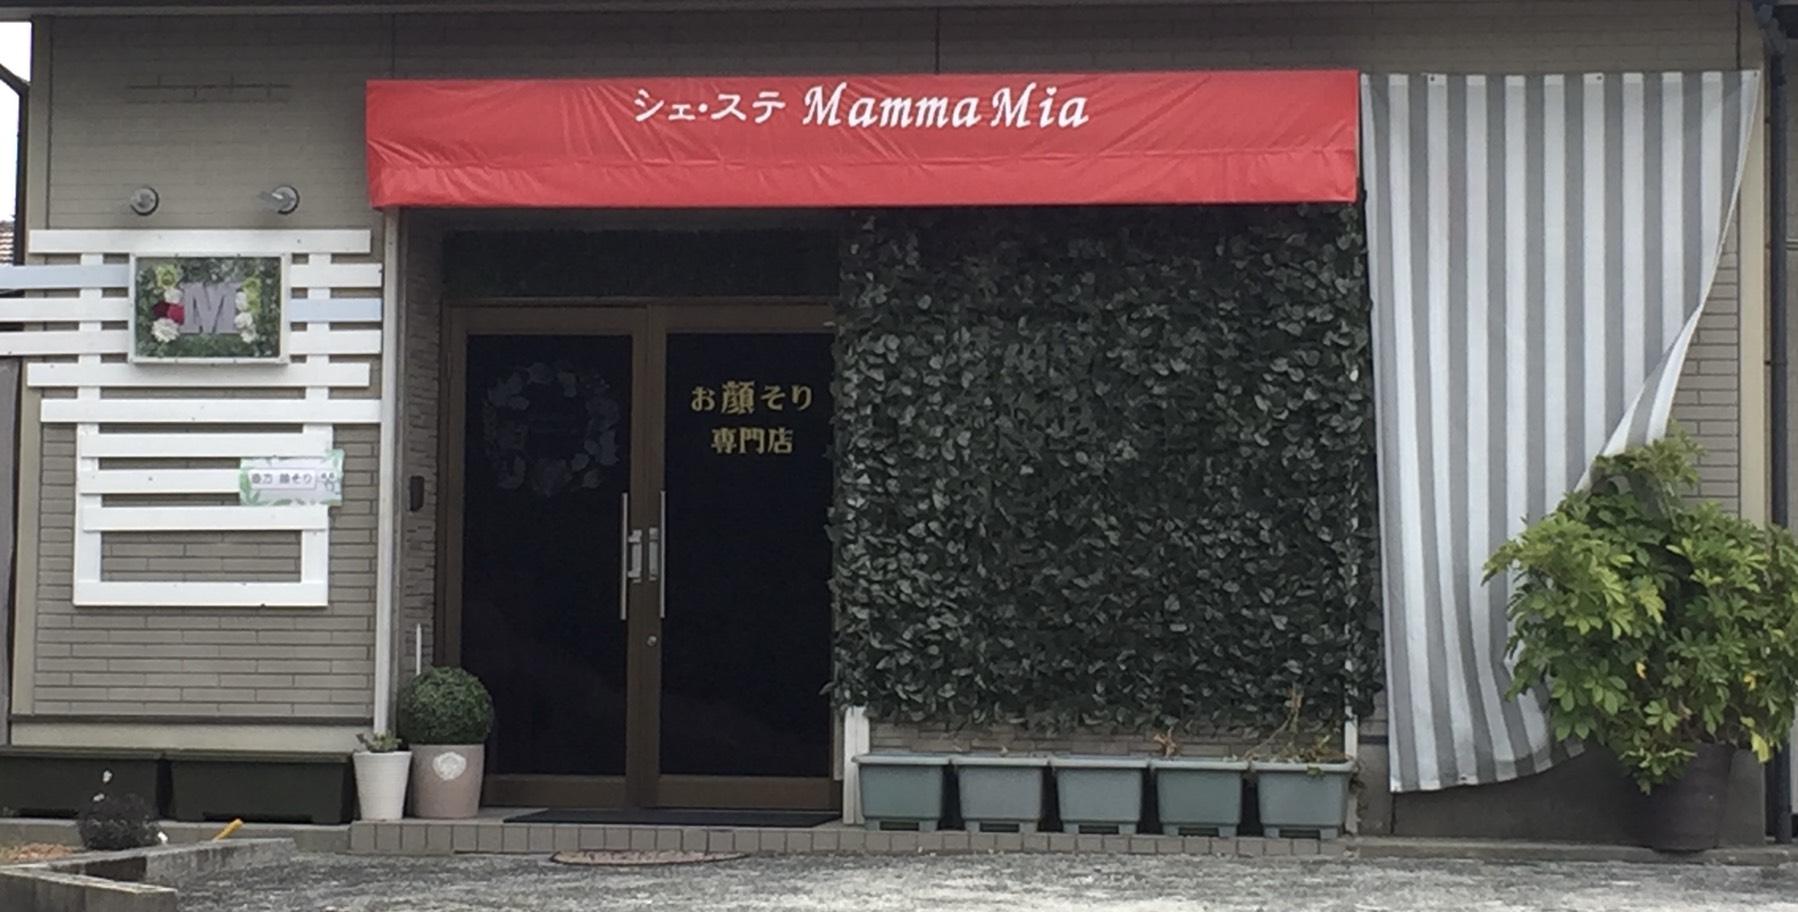 シェ・ステ Mamma Mia (マンマ ミーア)